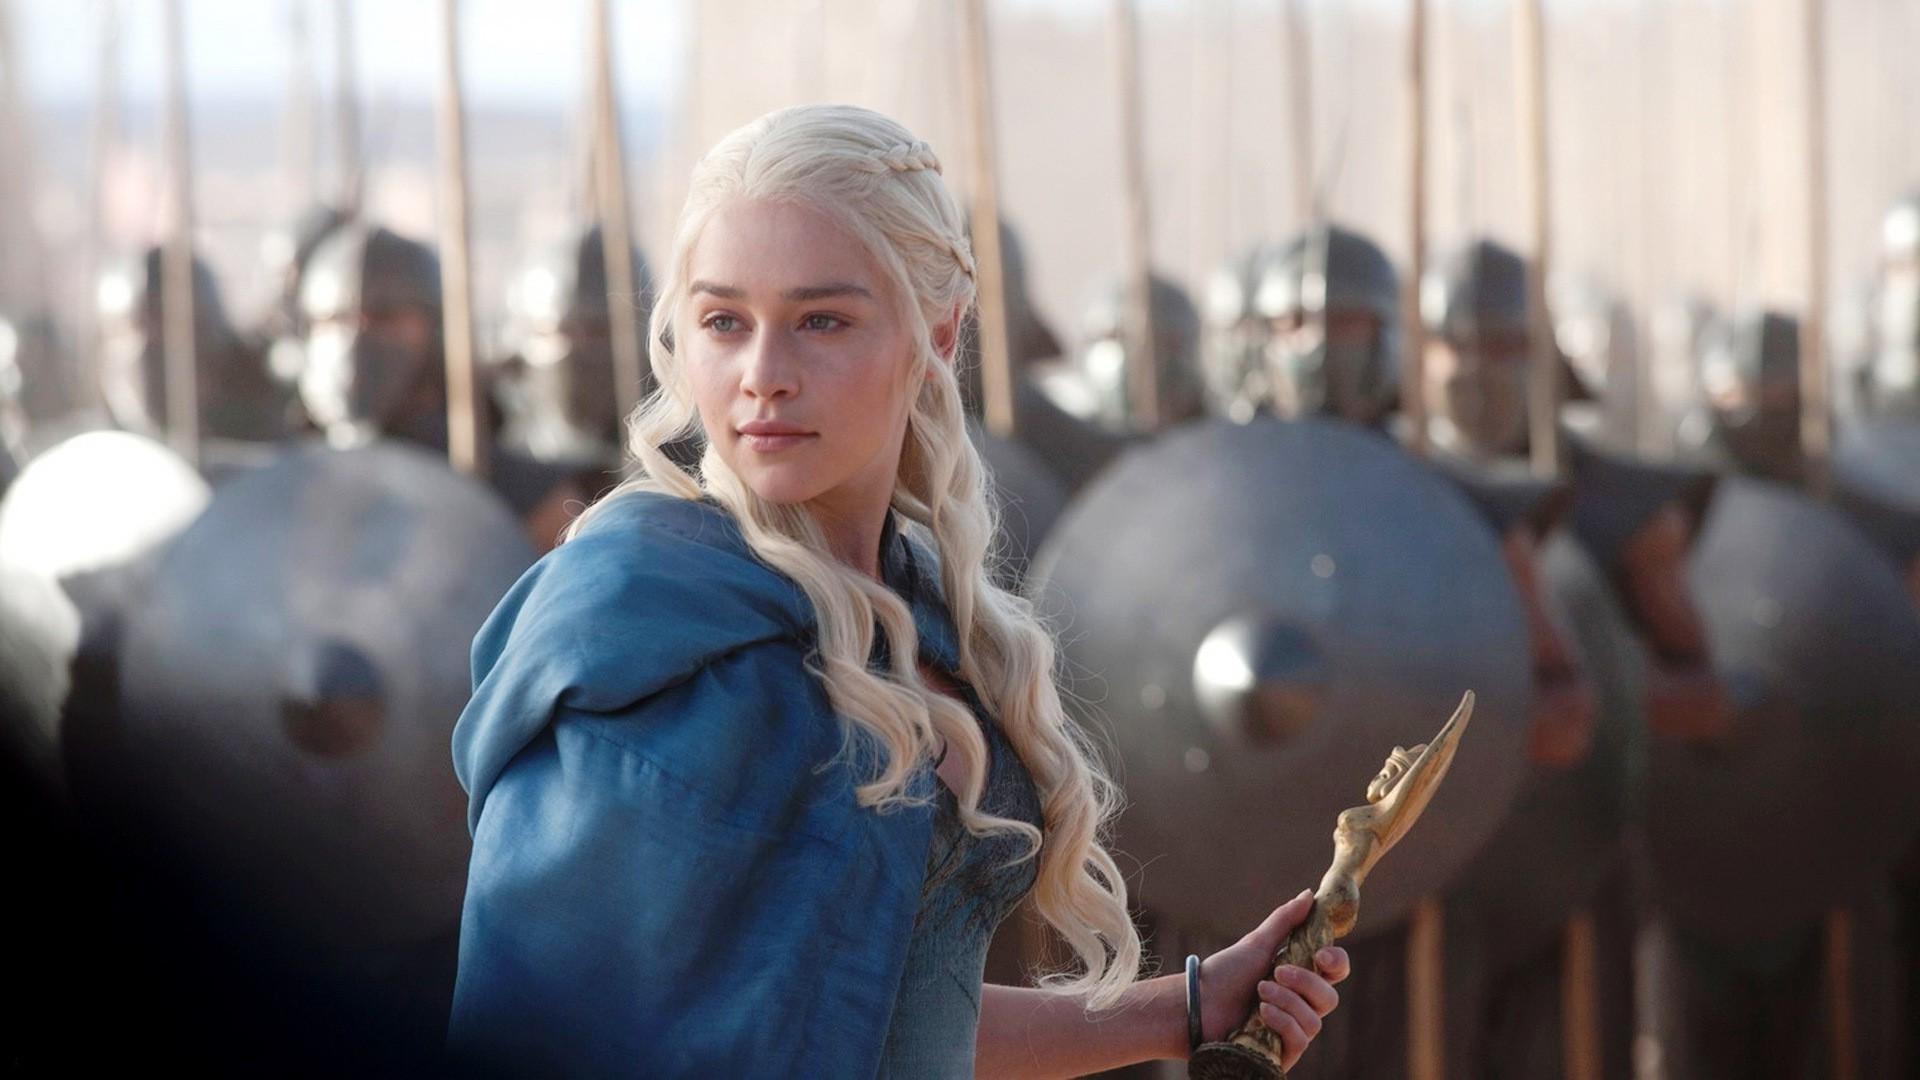 the Khaleesi!